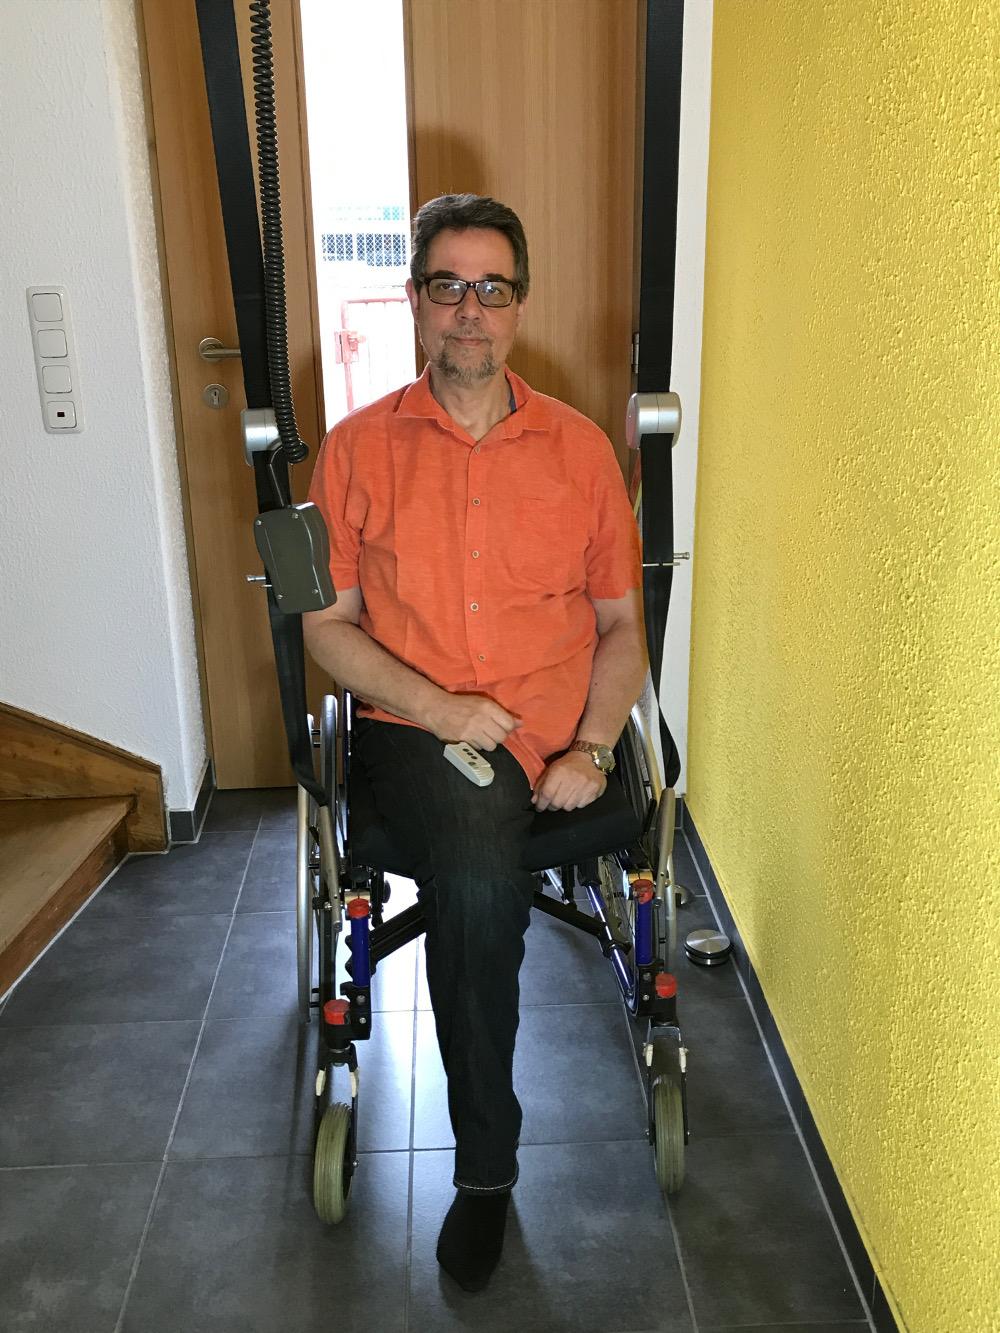 Der Rollstuhl wird einfach eingehängt